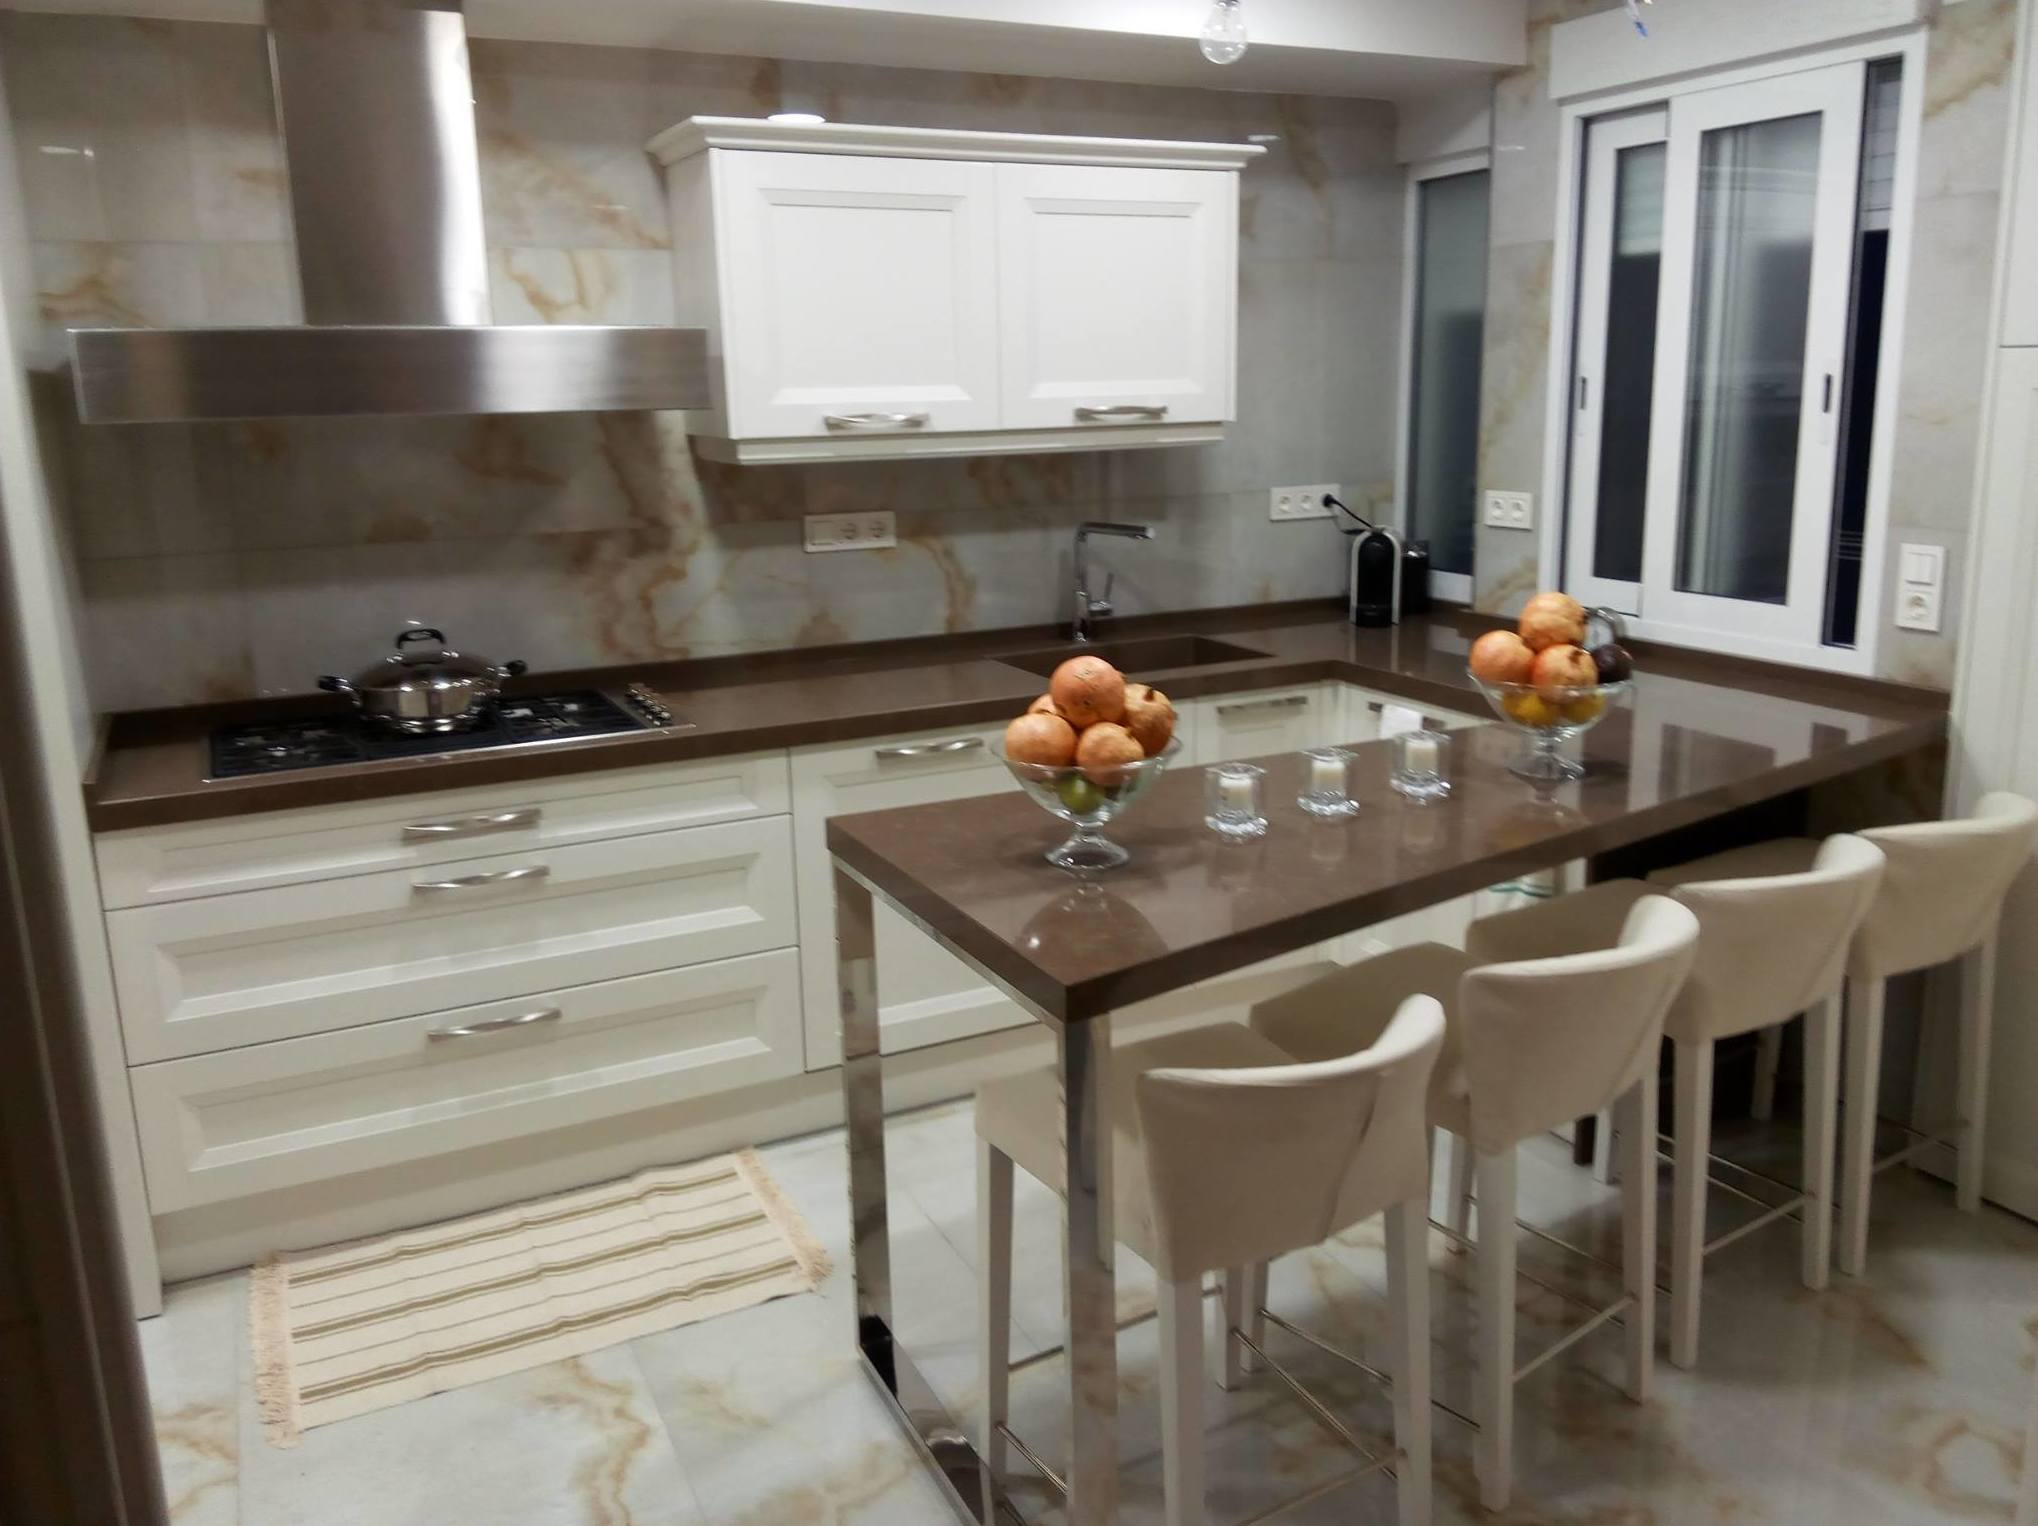 Foto 5 De Muebles De Cocina En Torrevieja Prior Cocinas # Muebles Torrevieja